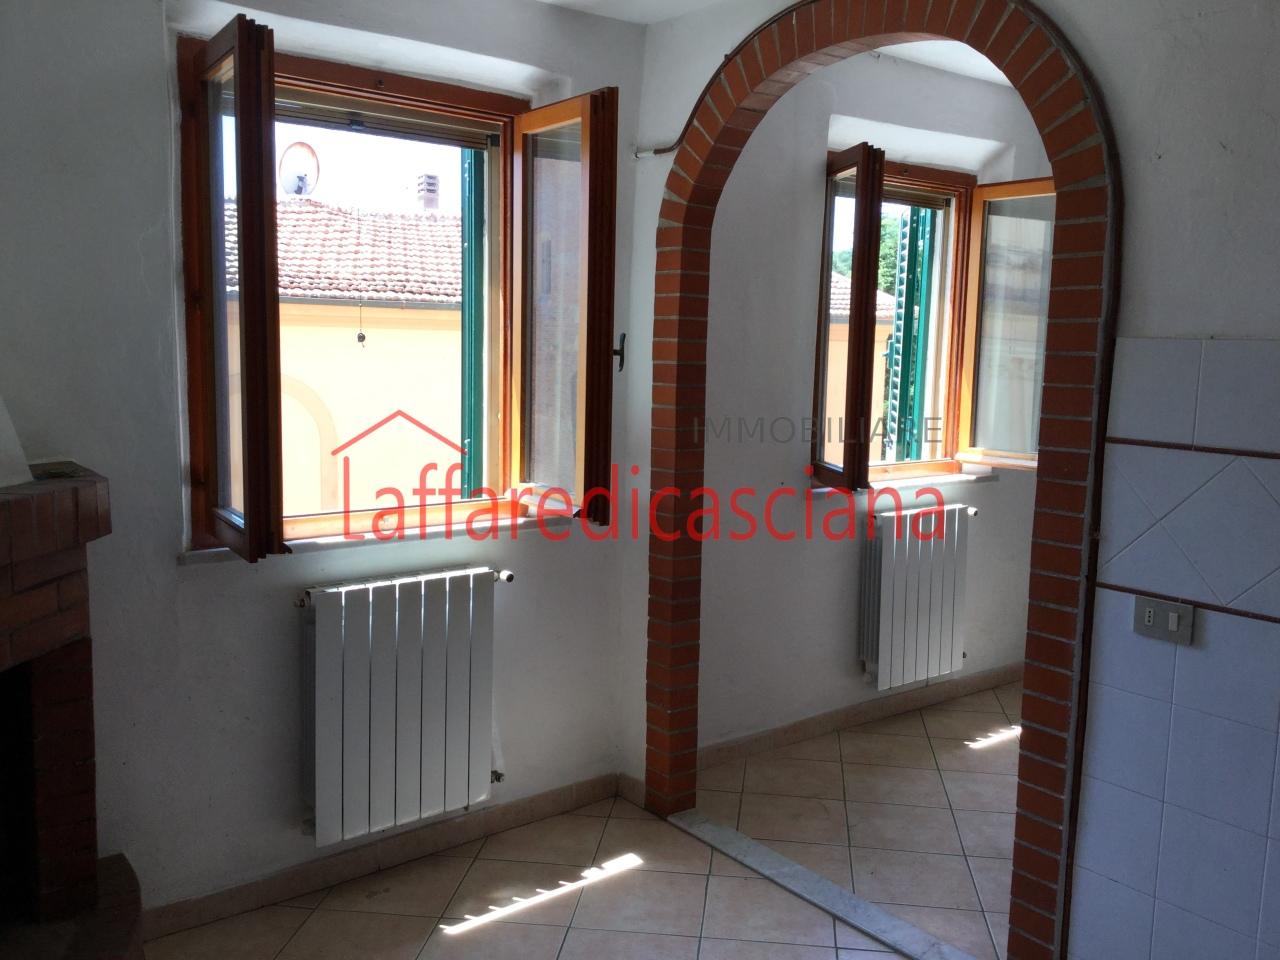 Appartamento in vendita a Casciana Terme Lari, 3 locali, prezzo € 55.000 | CambioCasa.it